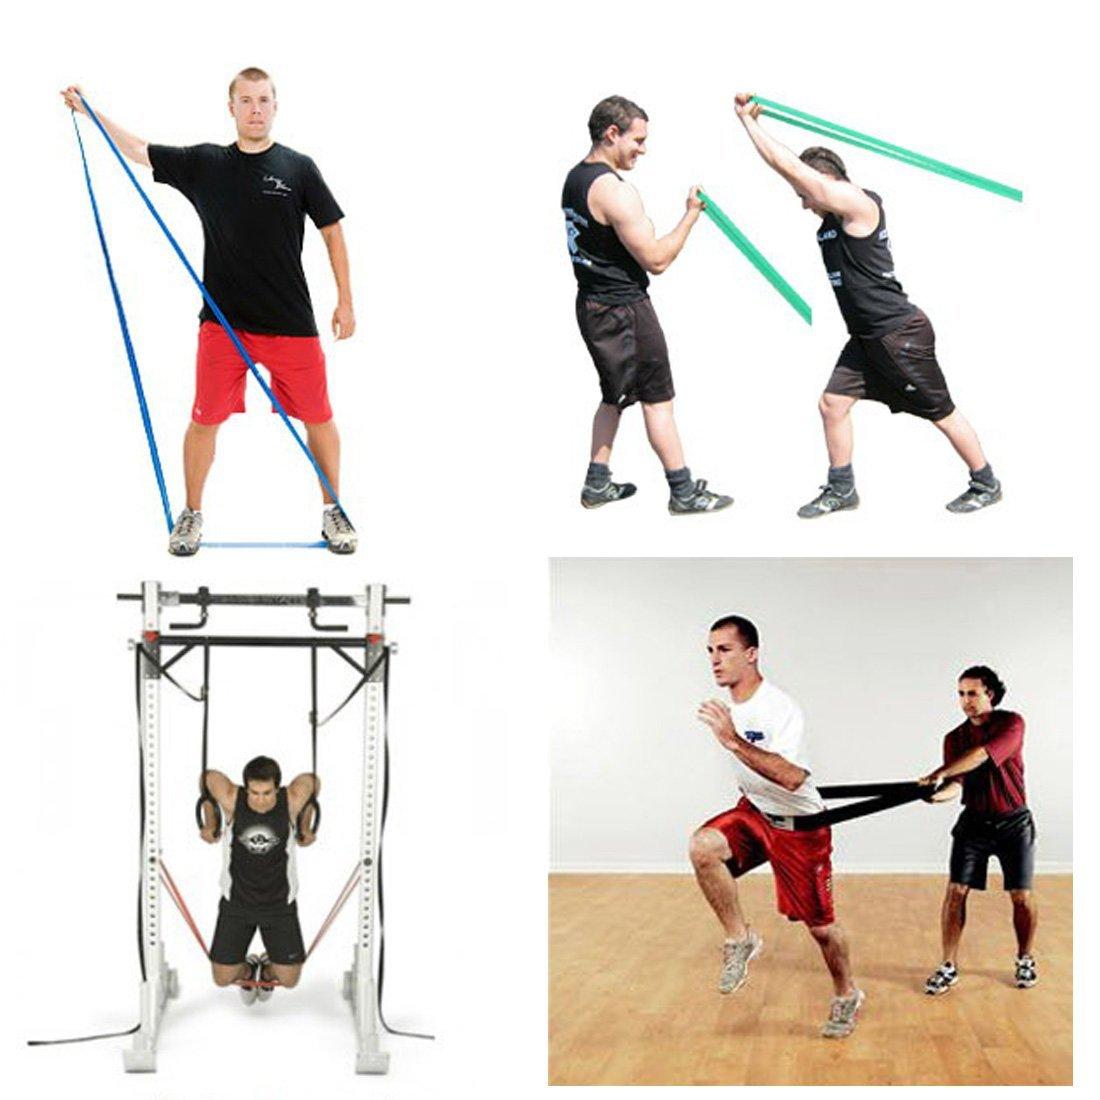 Bande lastique musculation prix et avis sportoza - Exercice de musculation avec banc ...